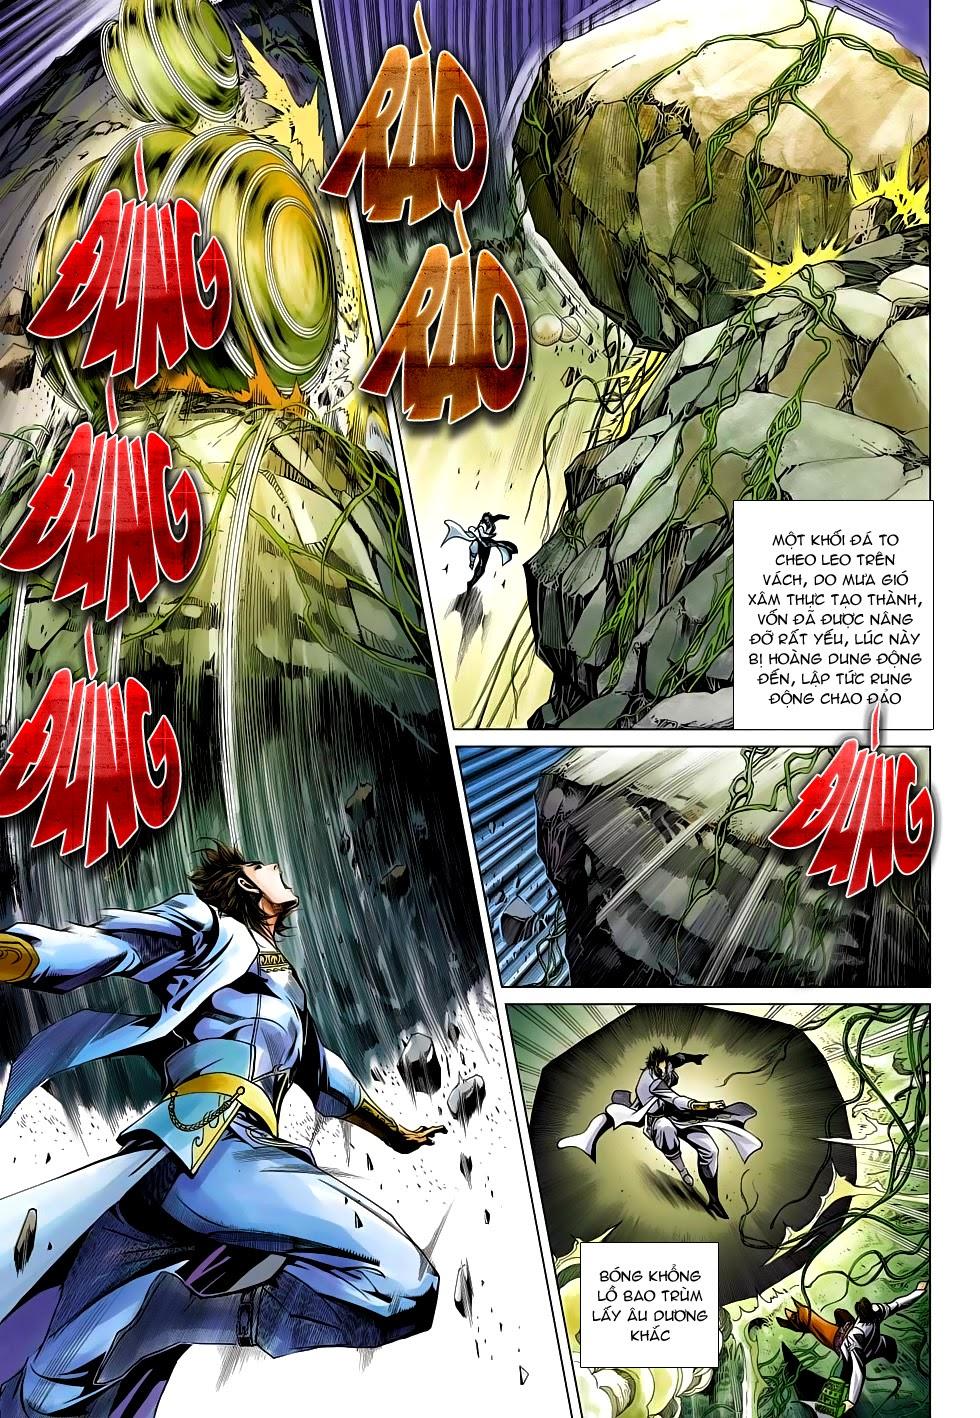 Anh Hùng Xạ Điêu anh hùng xạ đêu chap 54: kiếp hậu dư sinh thiến nữ kỳ mưu trang 15